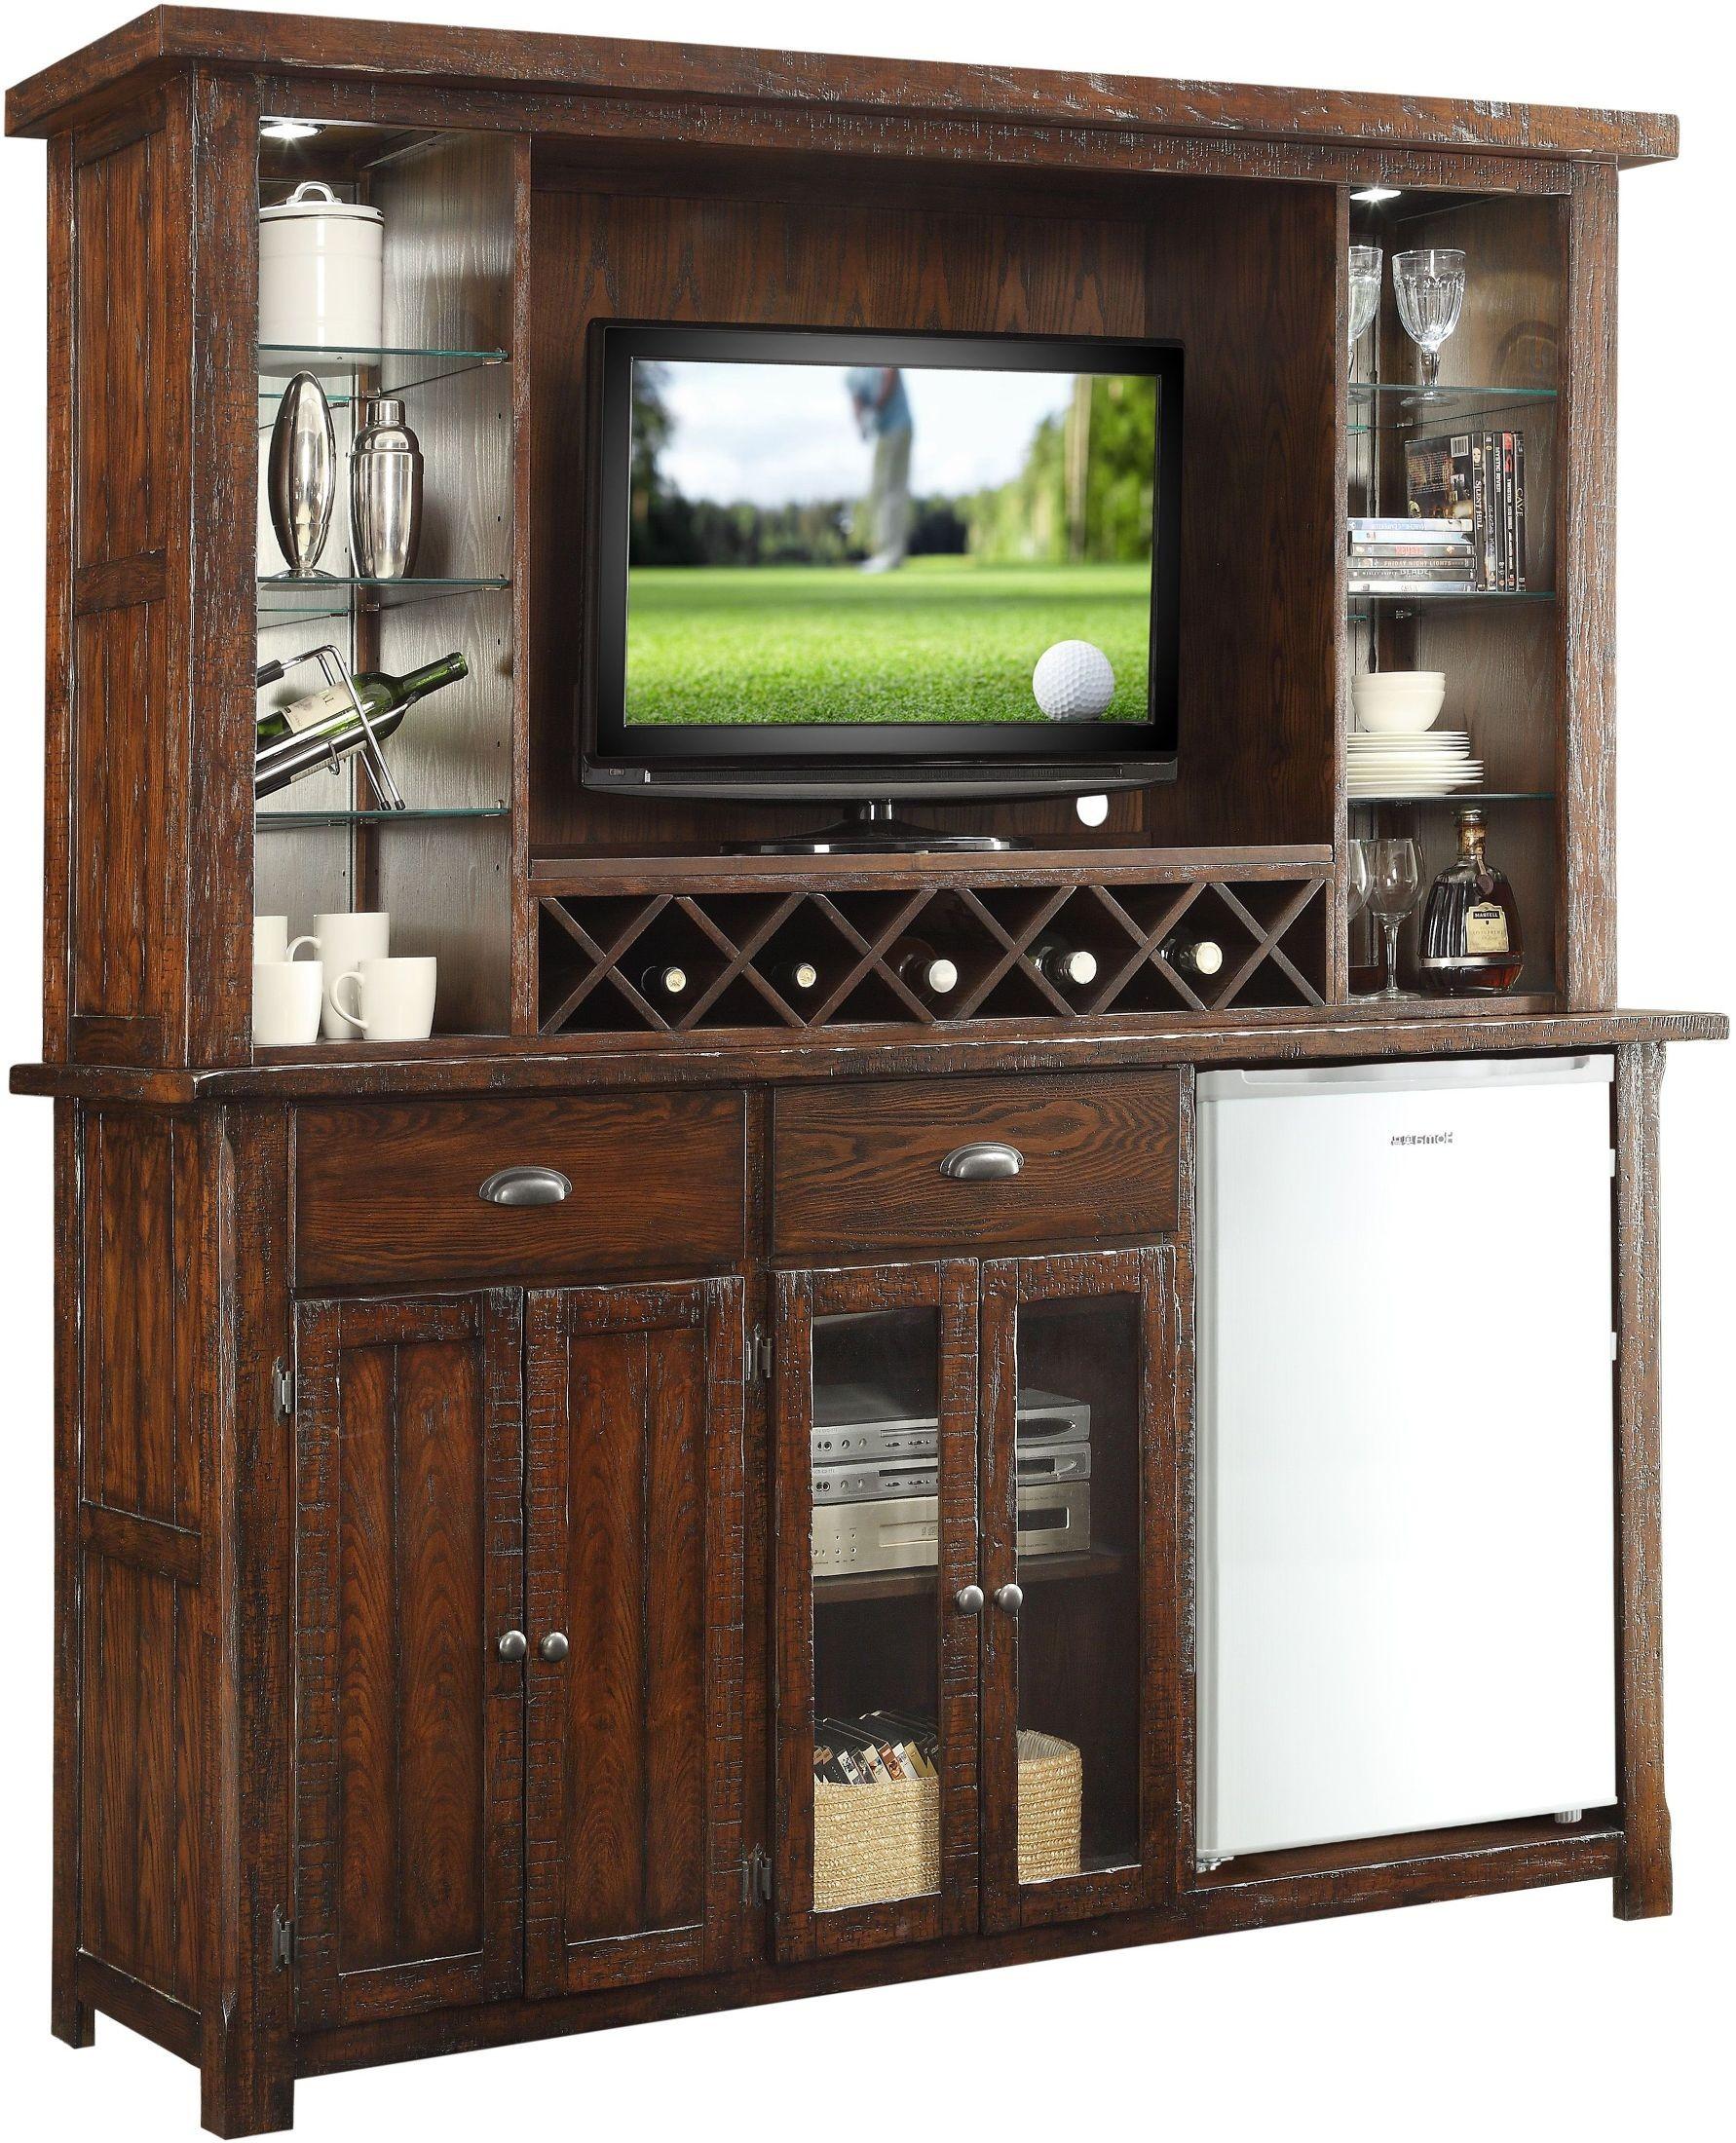 Gettysburg Distressed Chestnut Oak Bar With Entertainment Hutch 1475 05 Eh Ebb Eci Furniture